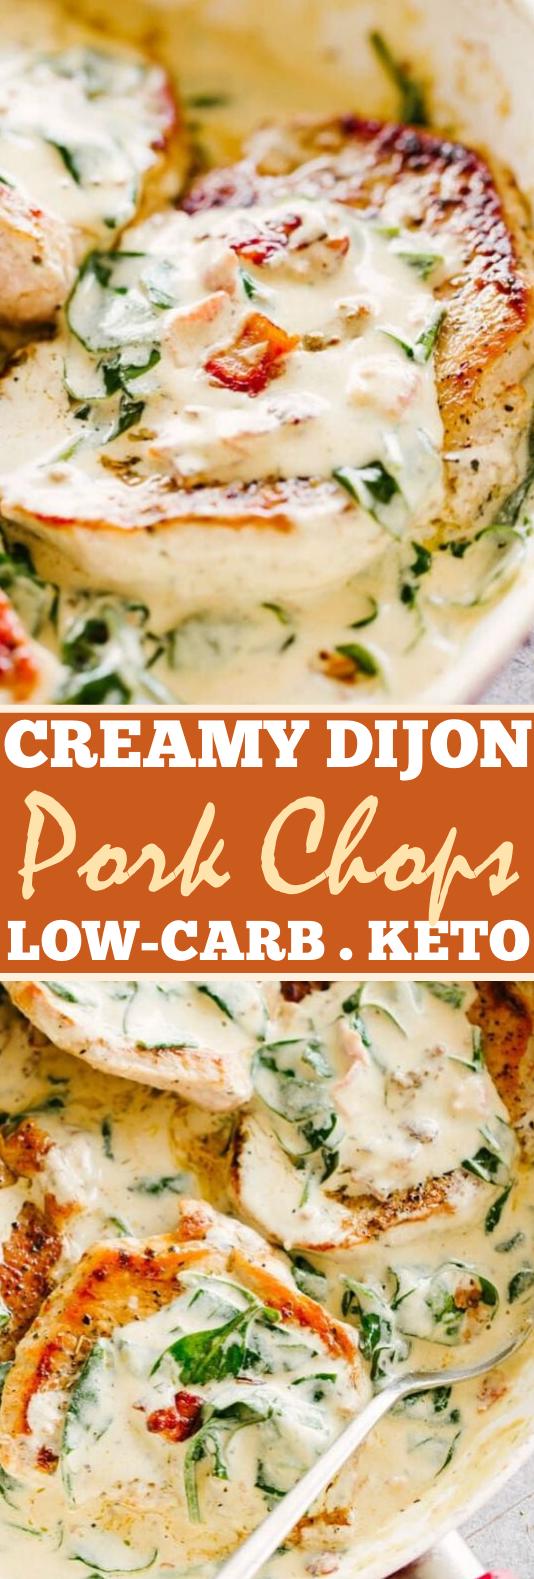 Creamy Dijon Pork Chops #healthy #keto #dinner #pork #lowcarb